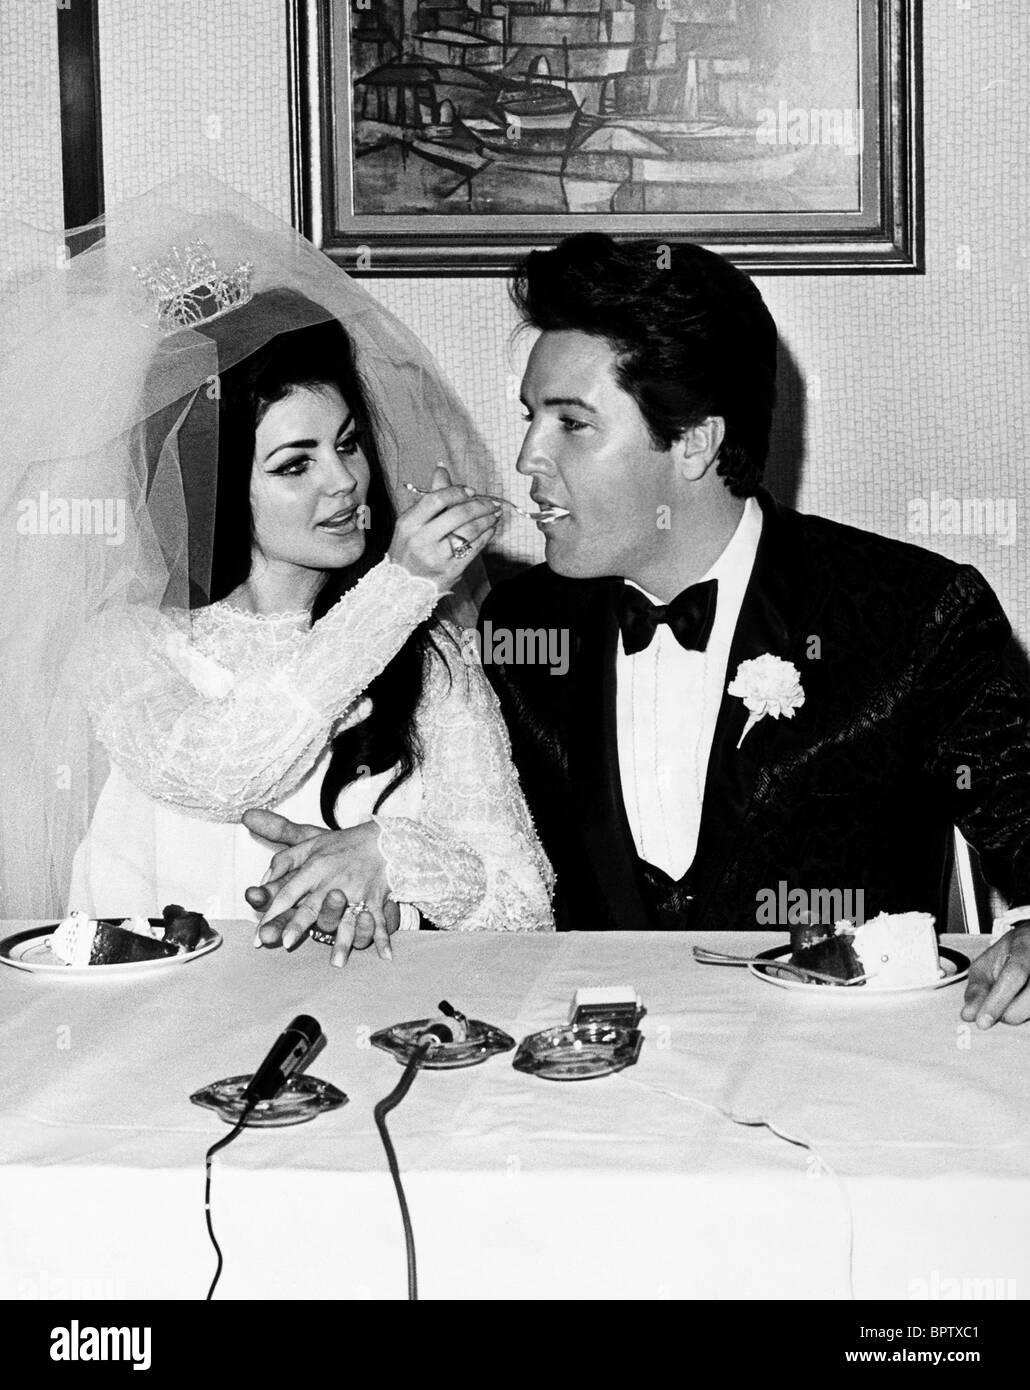 PRICILLA PRESLEY & ELVIS PRESLEY moglie e marito (1967) Foto Stock